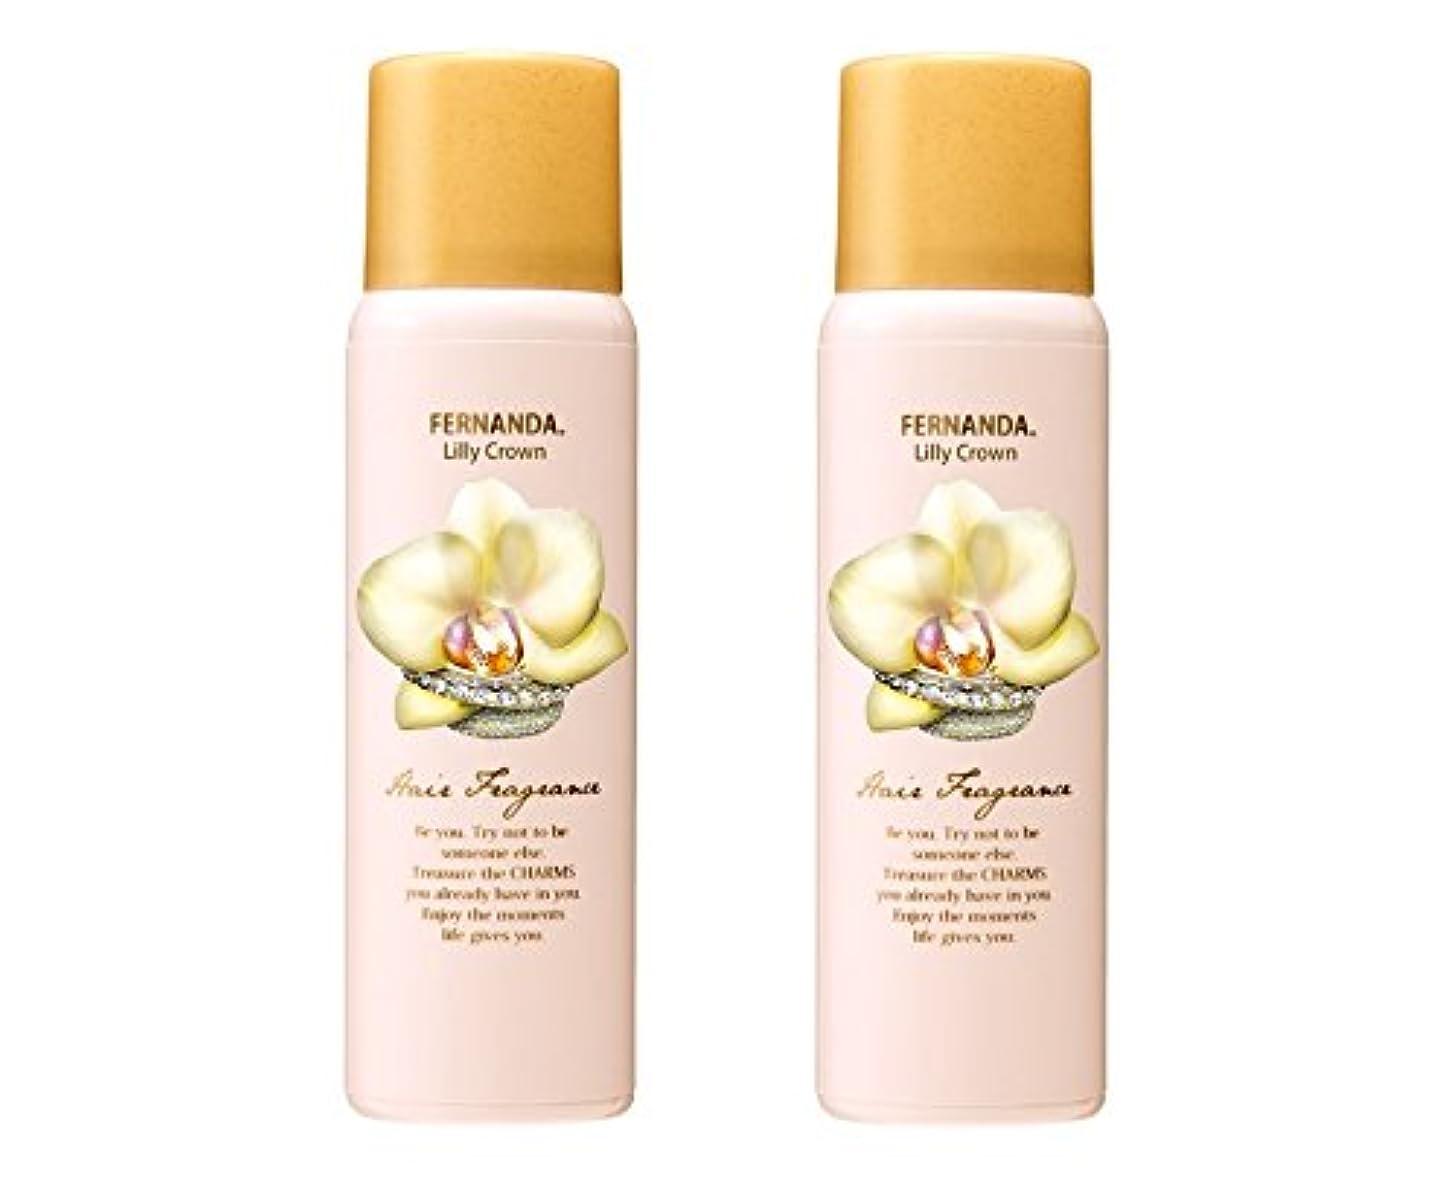 スコットランド人してはいけない聖なるFERNANDA(フェルナンダ) Hair Fragrance Lilly Crown (ヘアー フレグランス リリークラウン)×2個セット